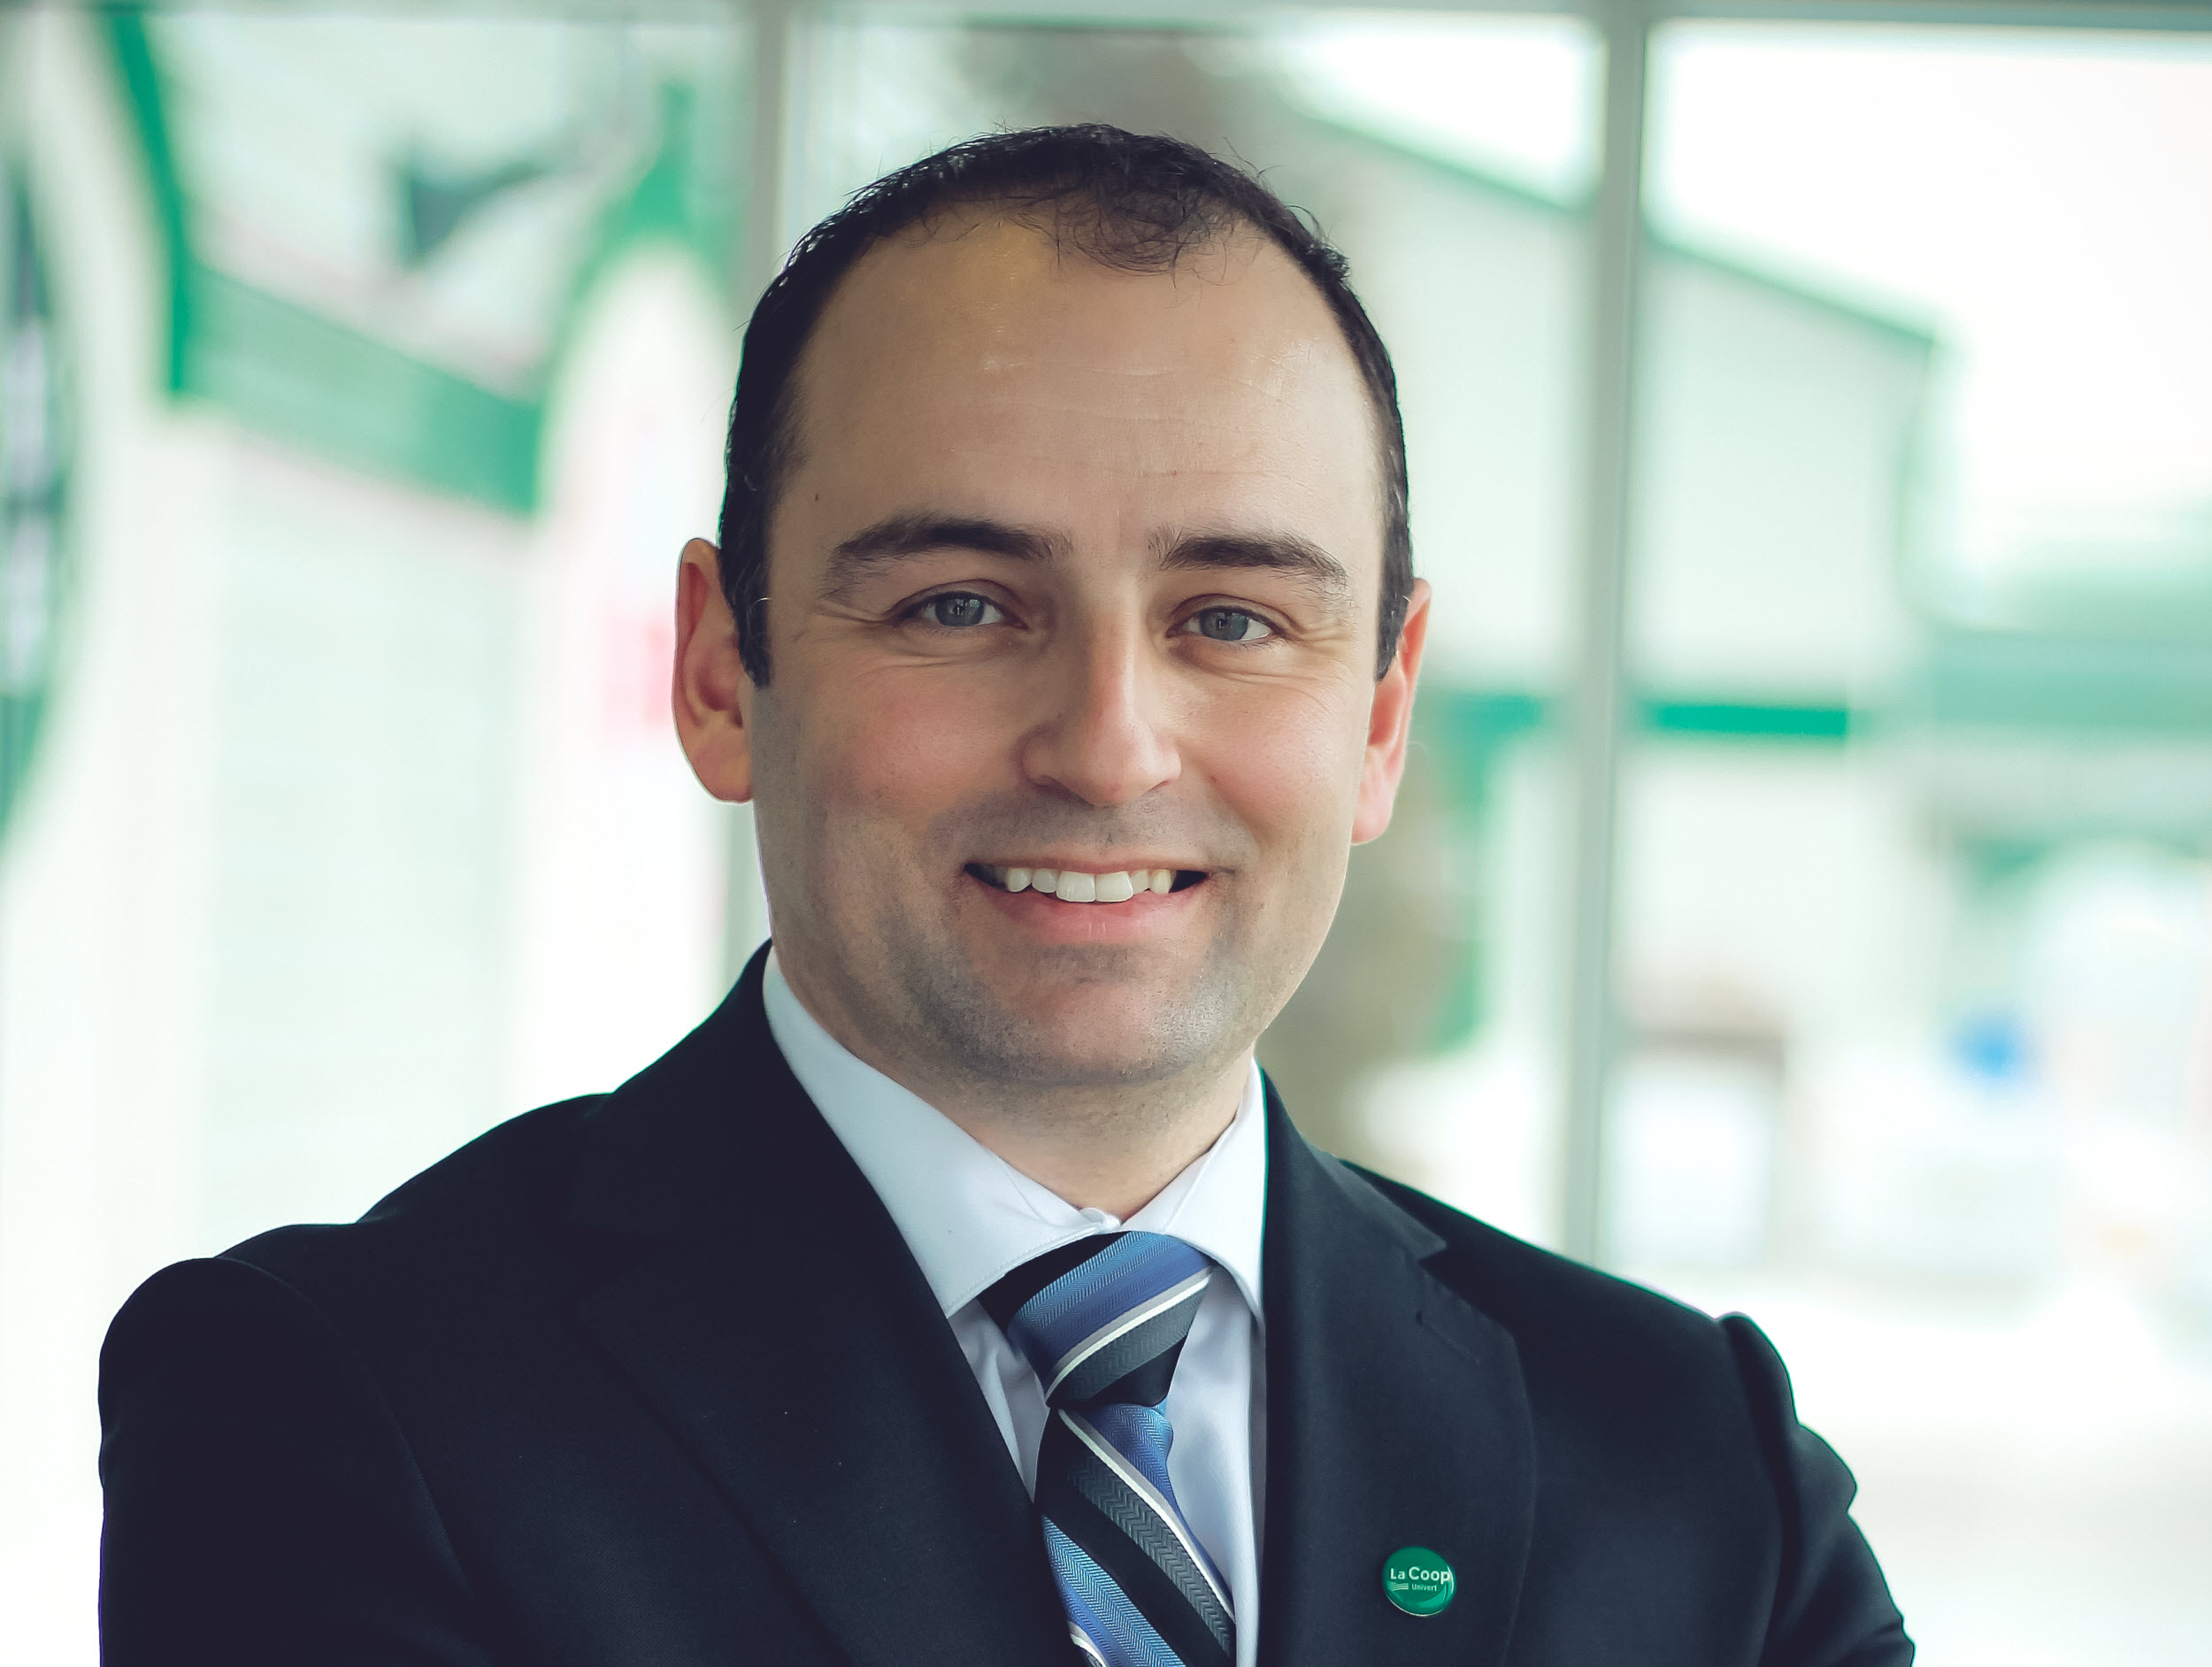 Dany Côté nommé directeur général de Novago